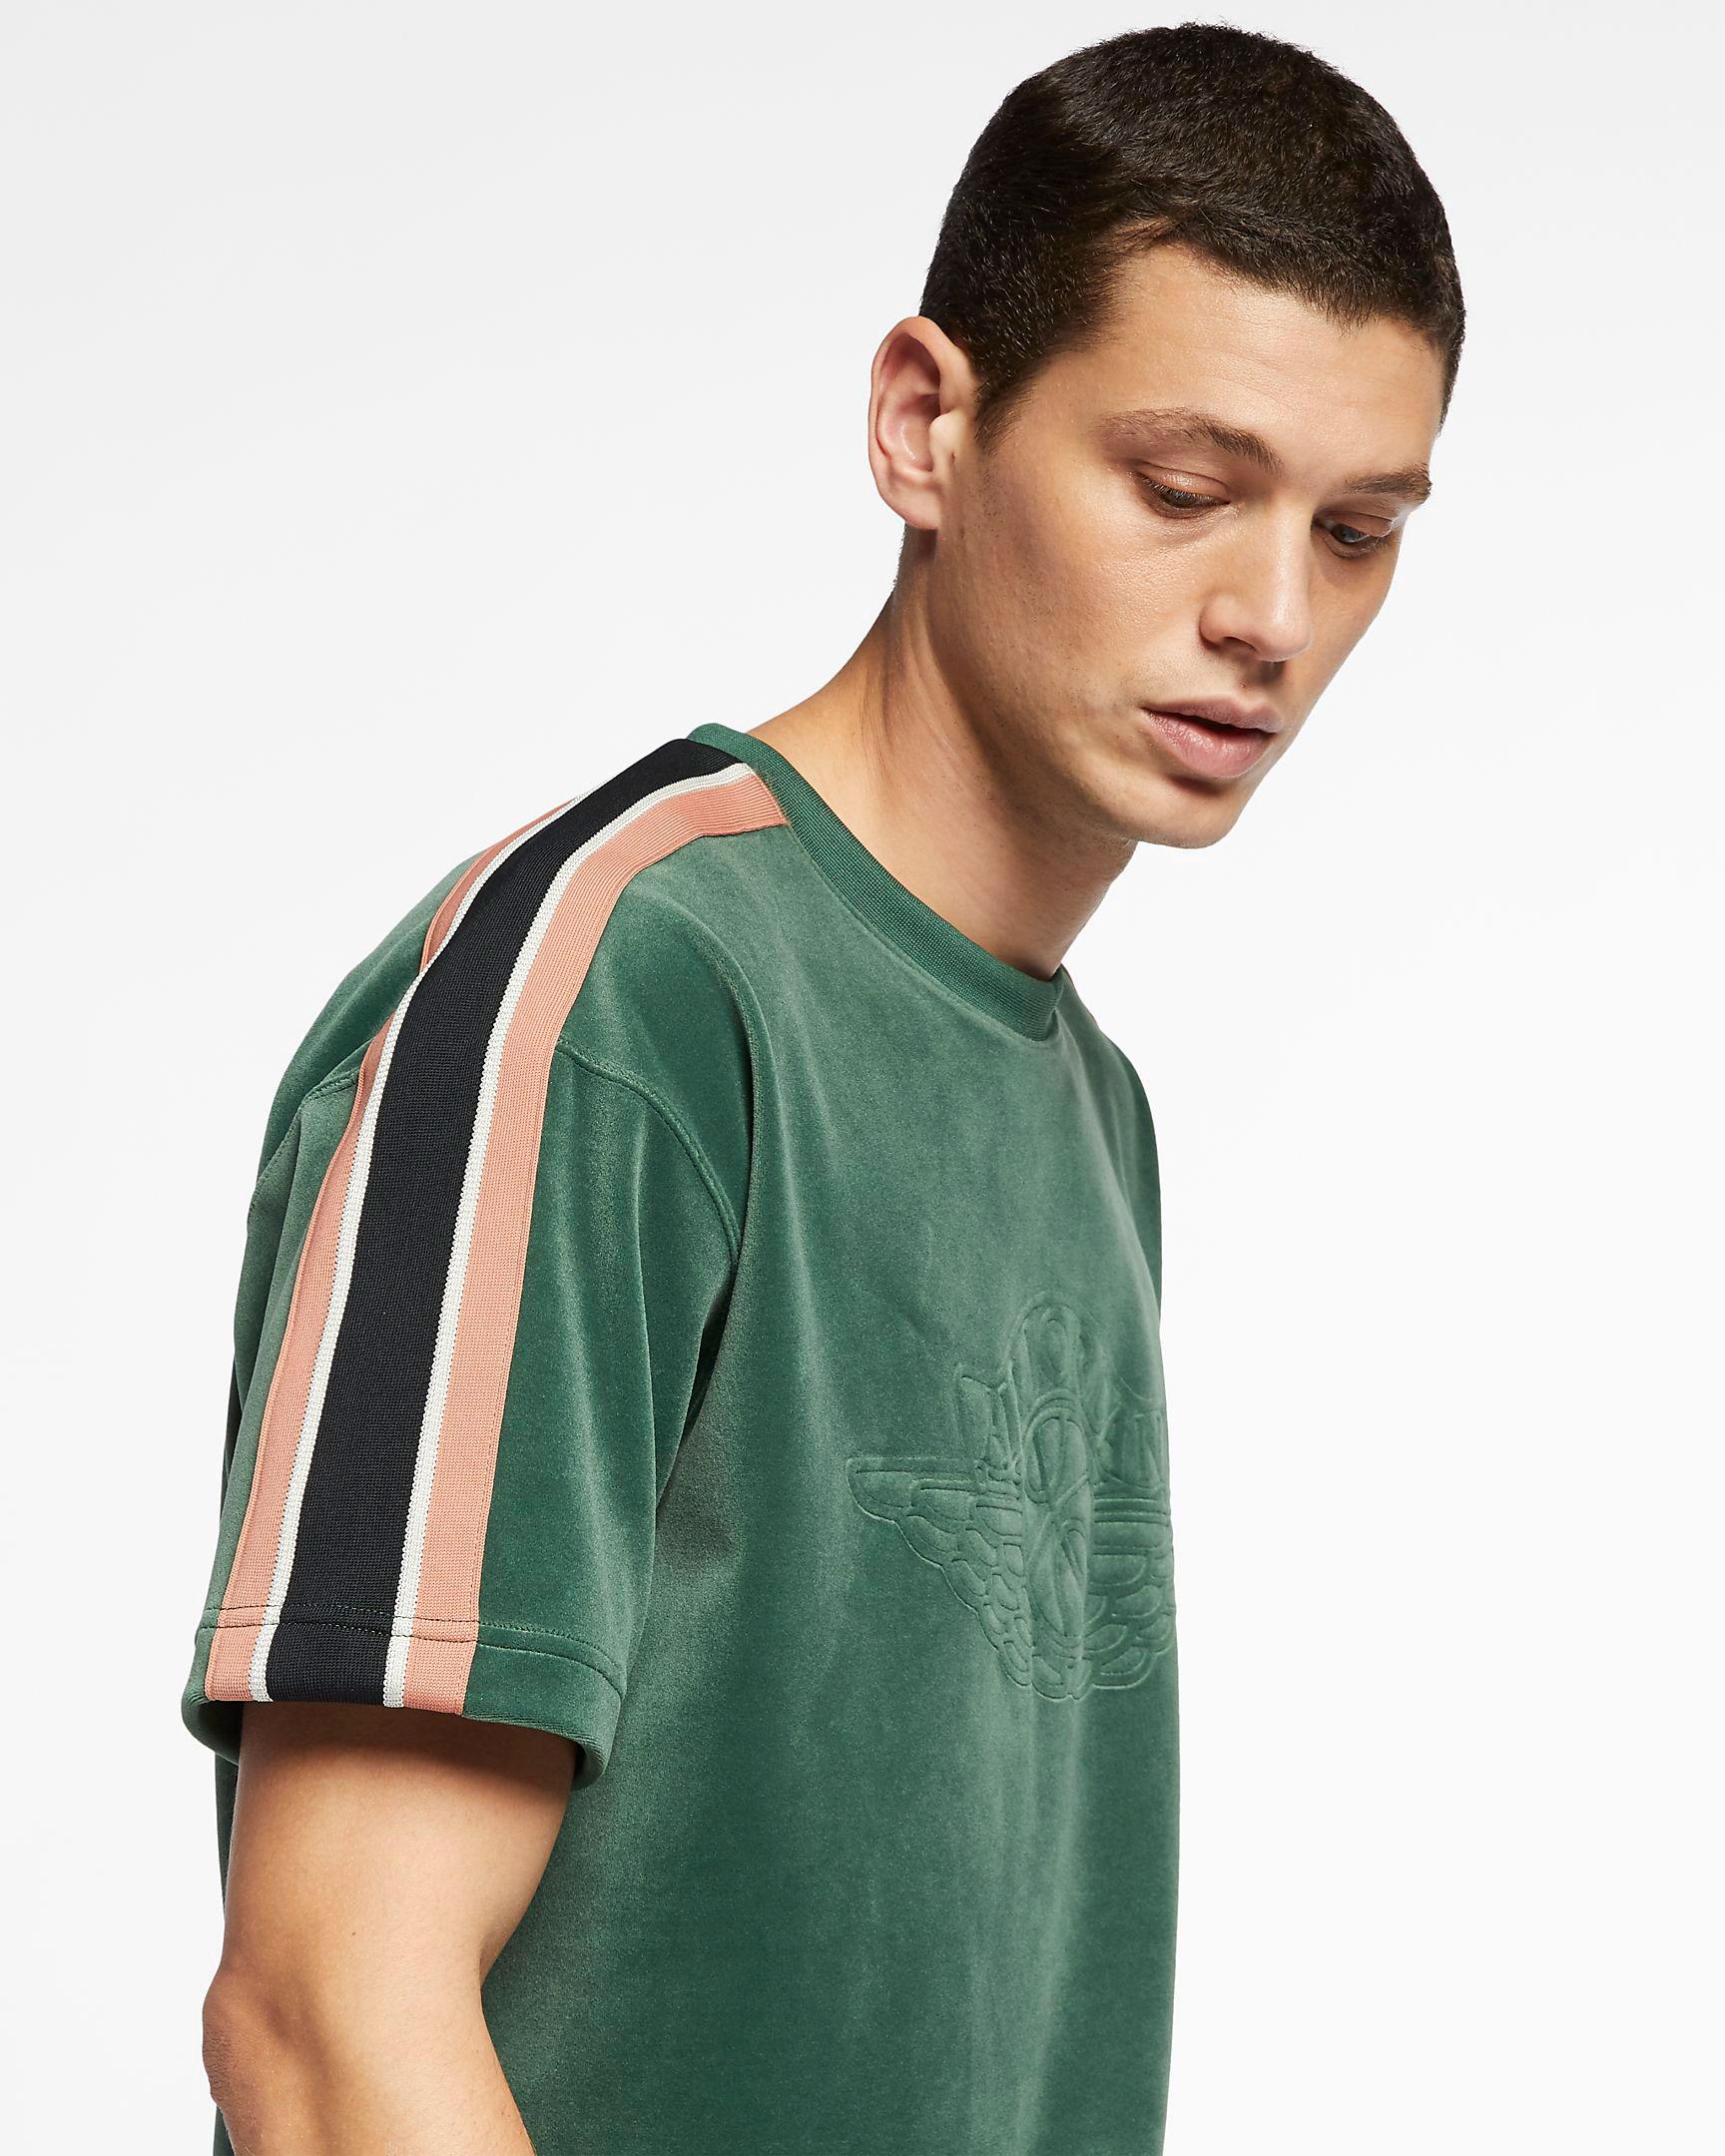 jordan-1-crimson-tint-matching-shirt-1